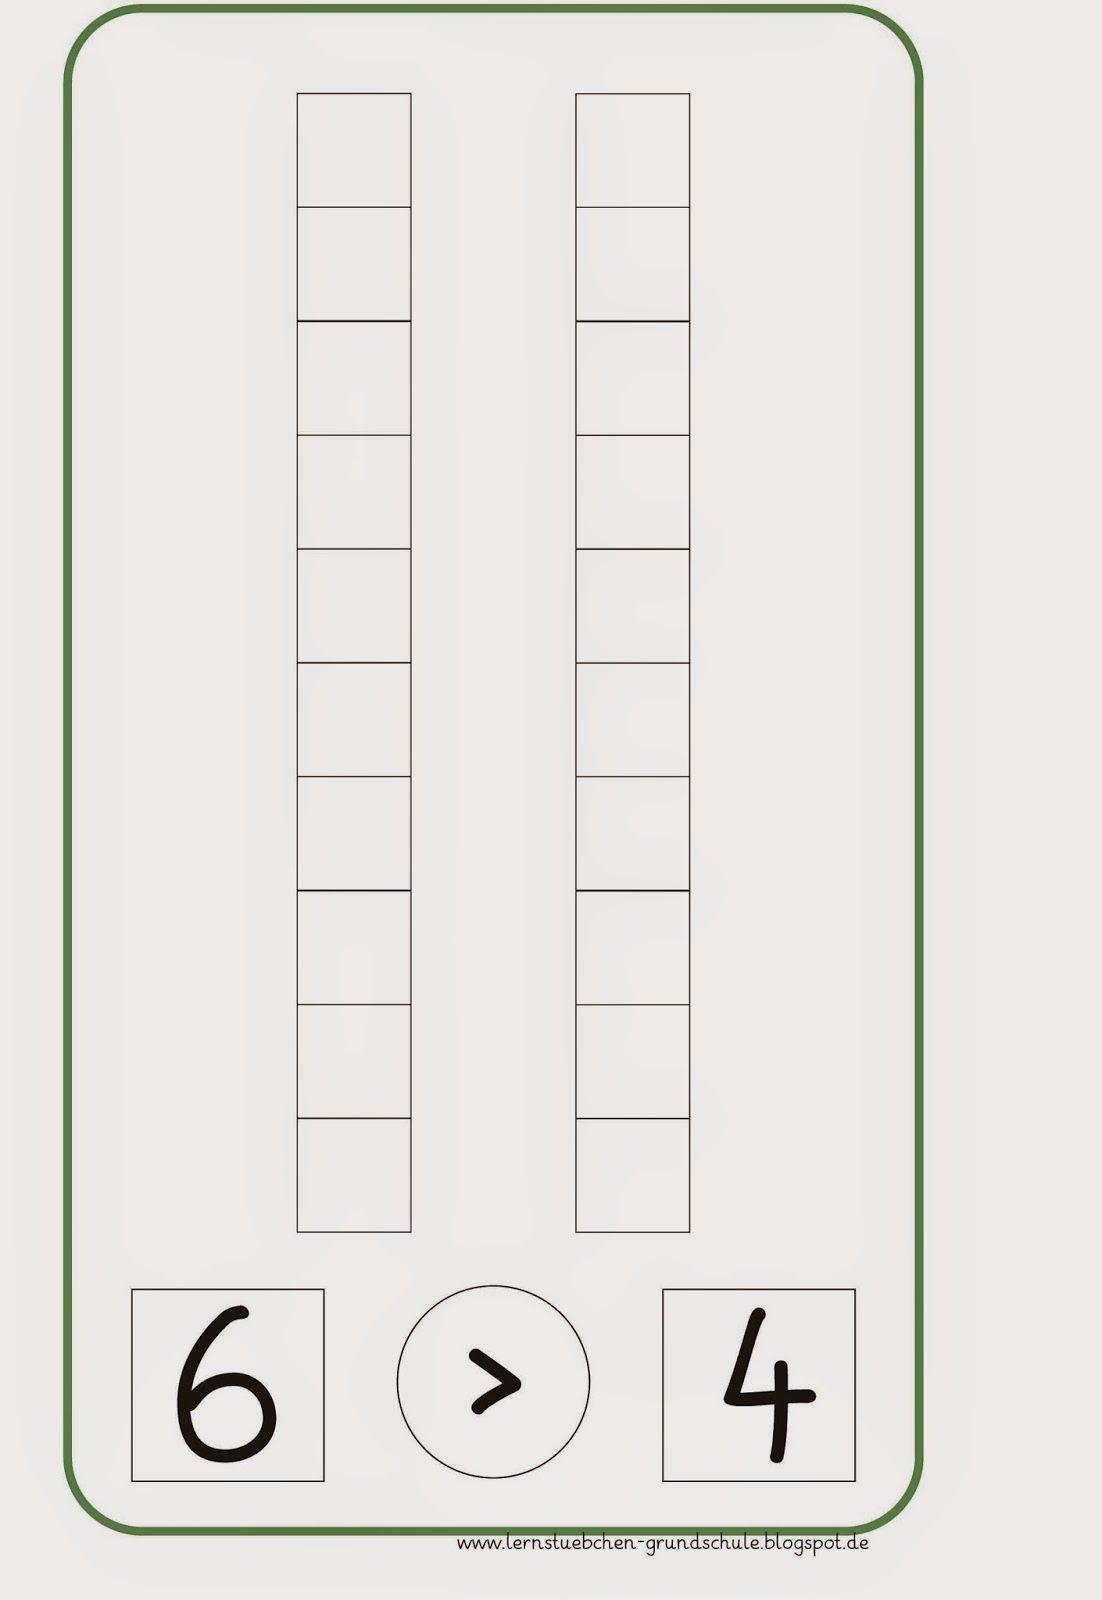 größer - kleiner - gleich (Tafelmaterial) | School